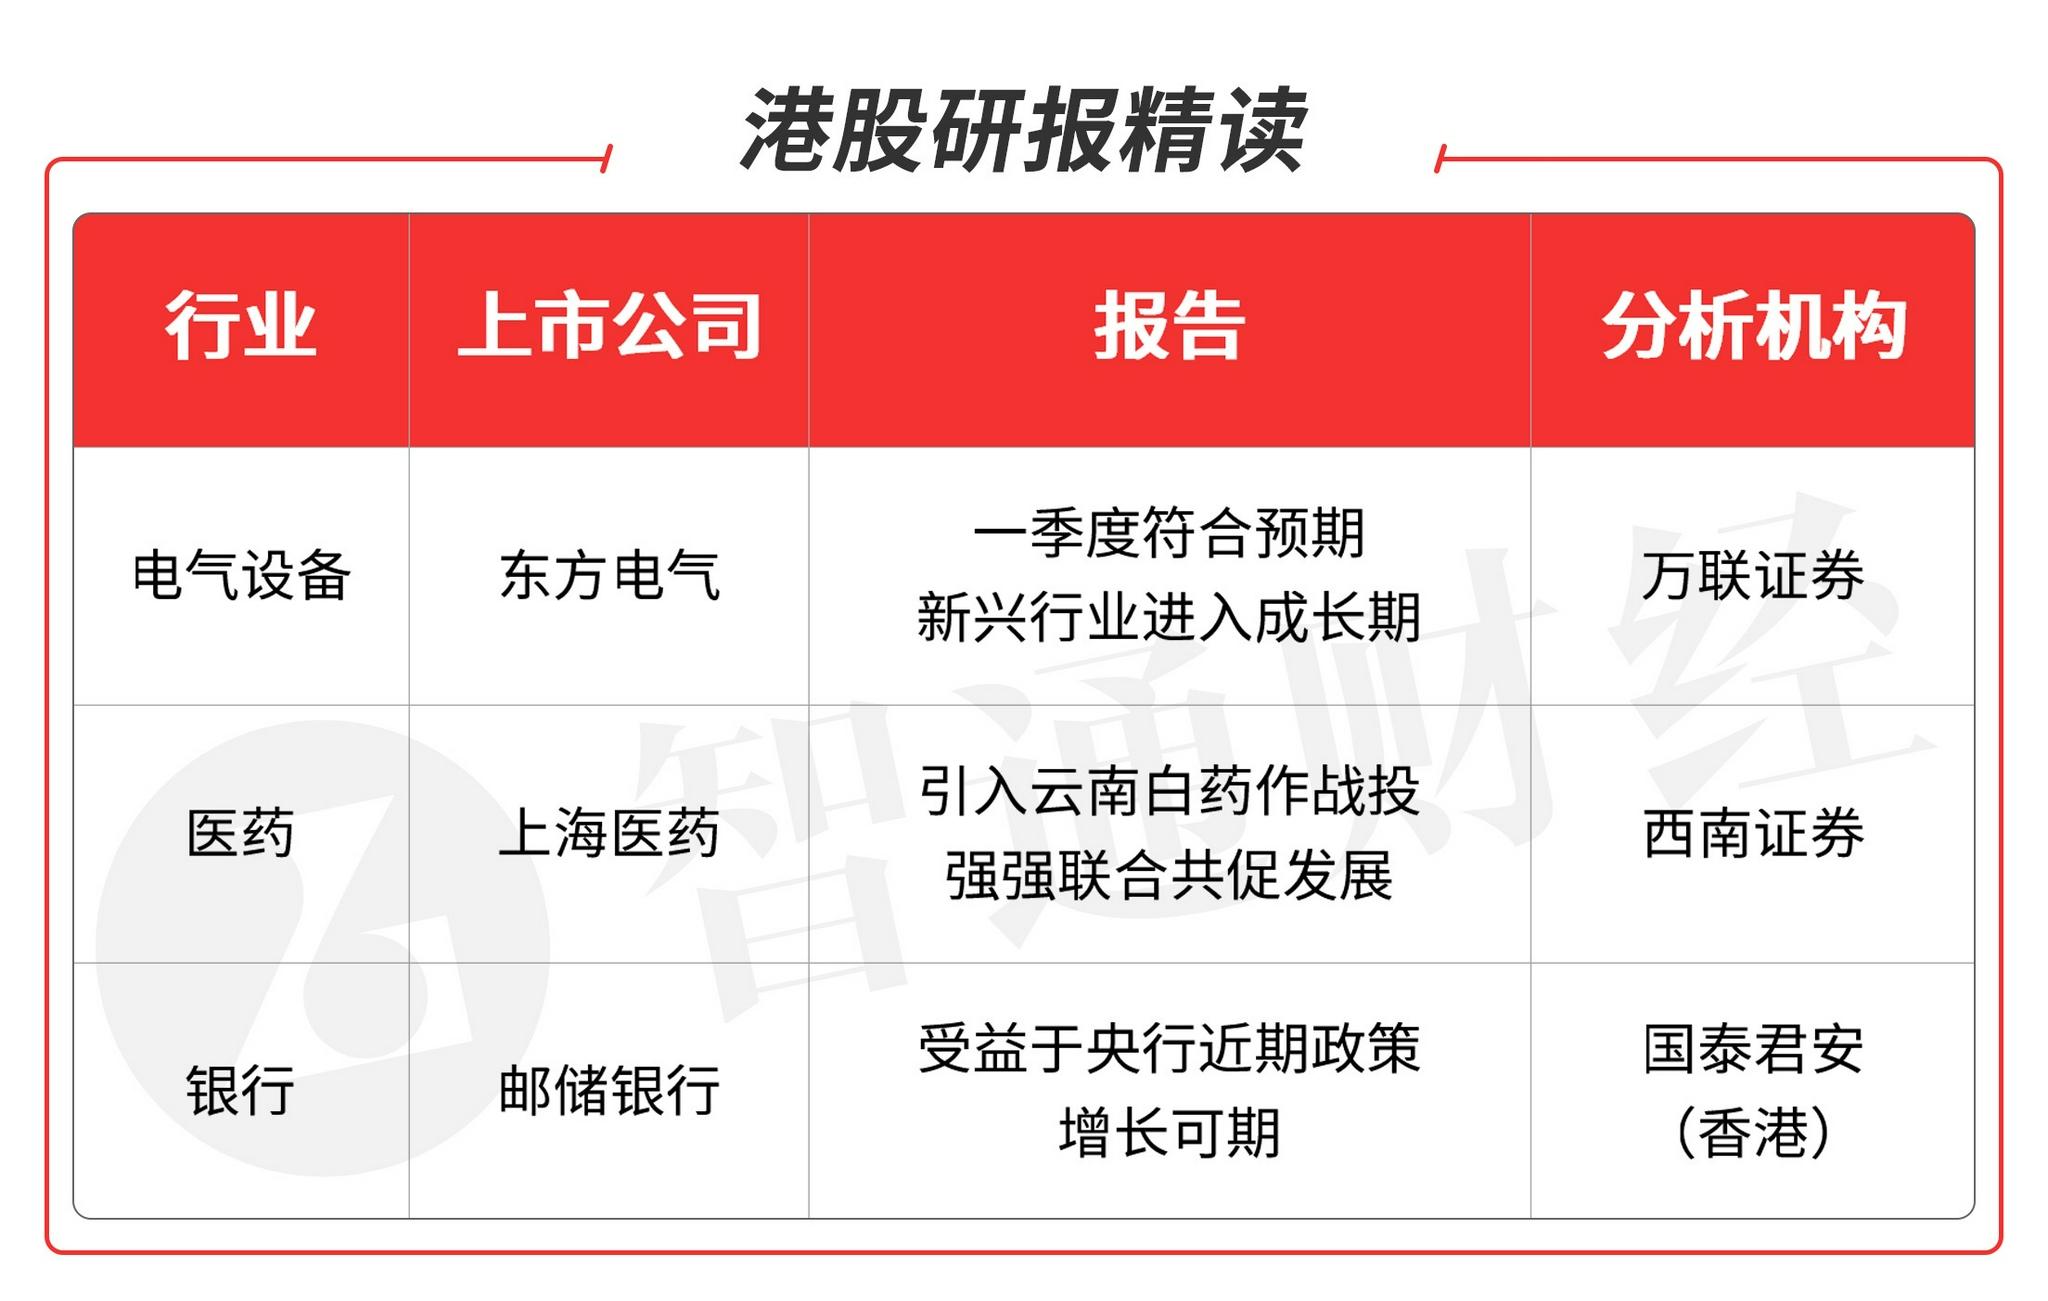 智通港股研报精读(07.23)   看好电气设备板块龙头公司、医药板块龙头股和银行板块重点品种